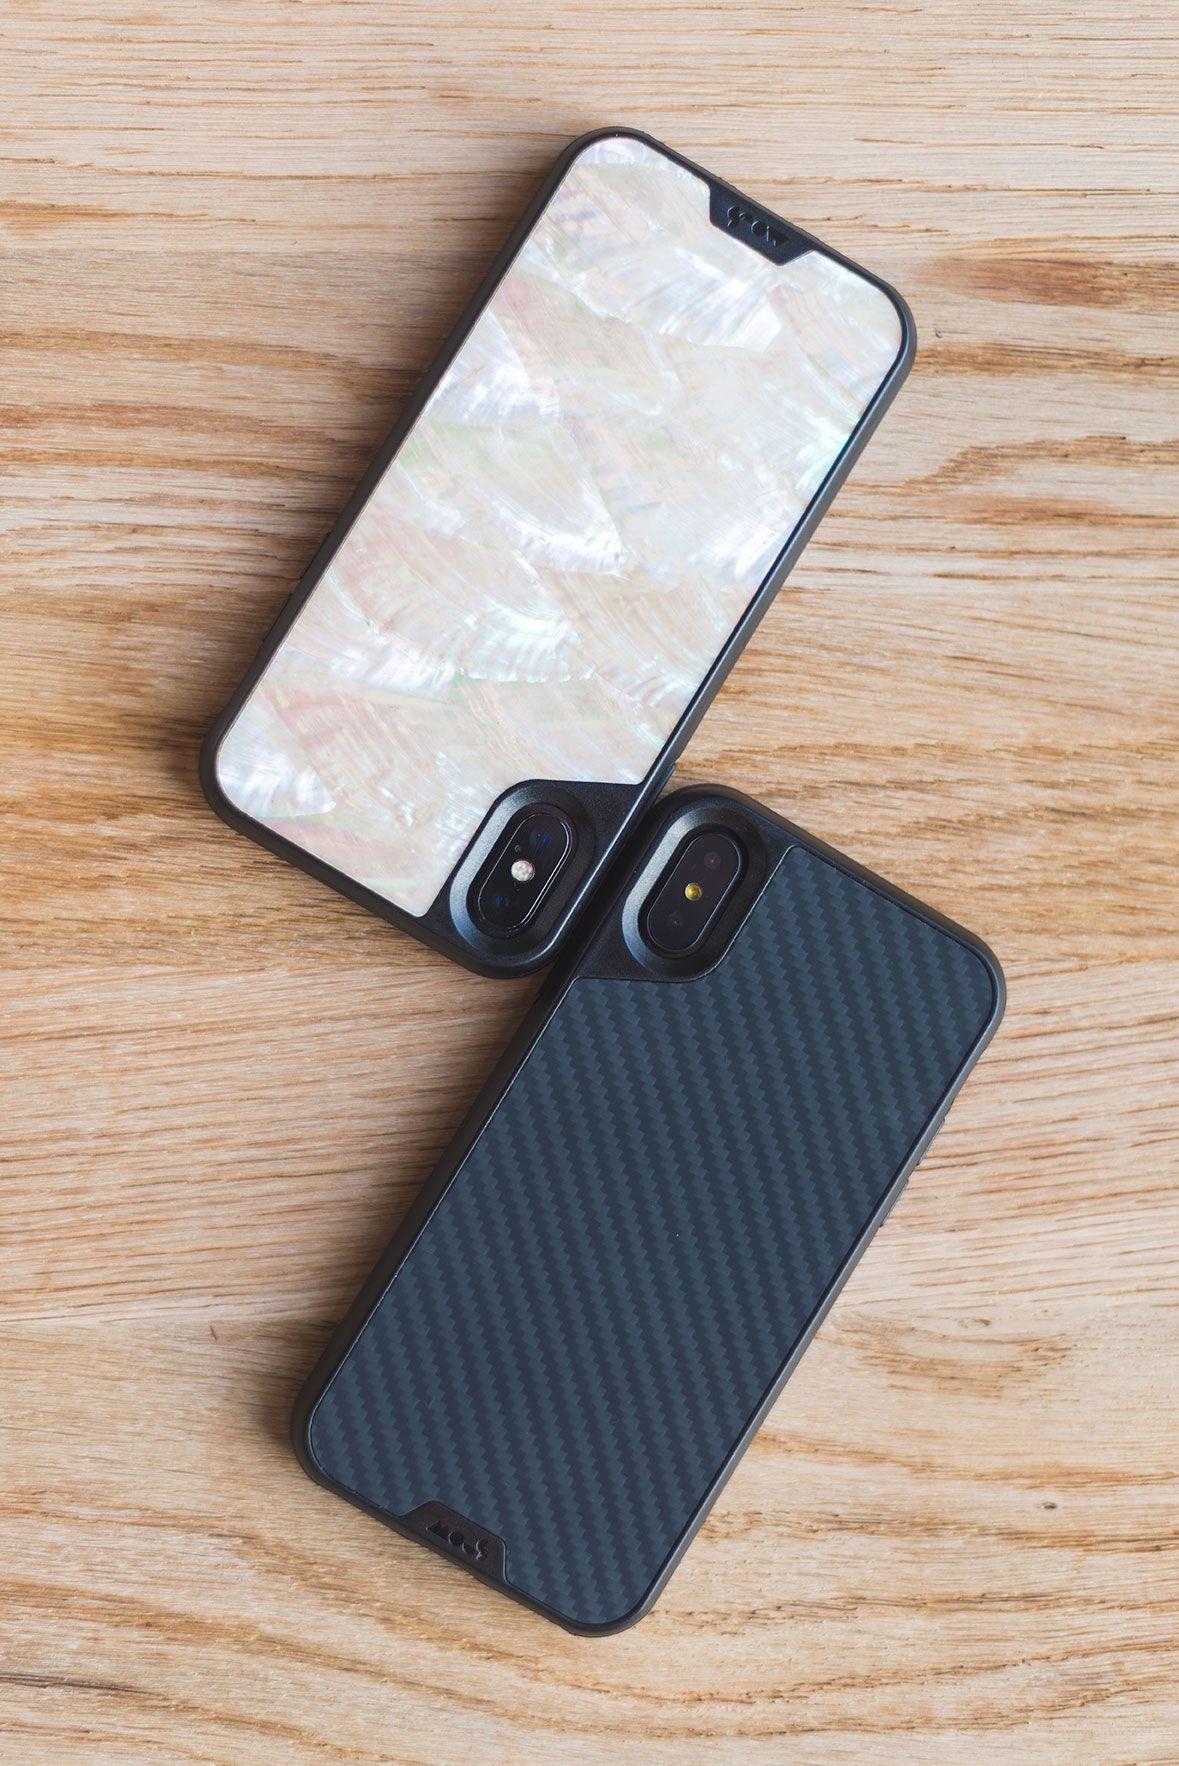 Iphone X White Shell Case X Carbon Fibre Case Design Style Luxury Cases Mous Black Iphone Cases Wallet Phone Case Iphone Cool Iphone Cases